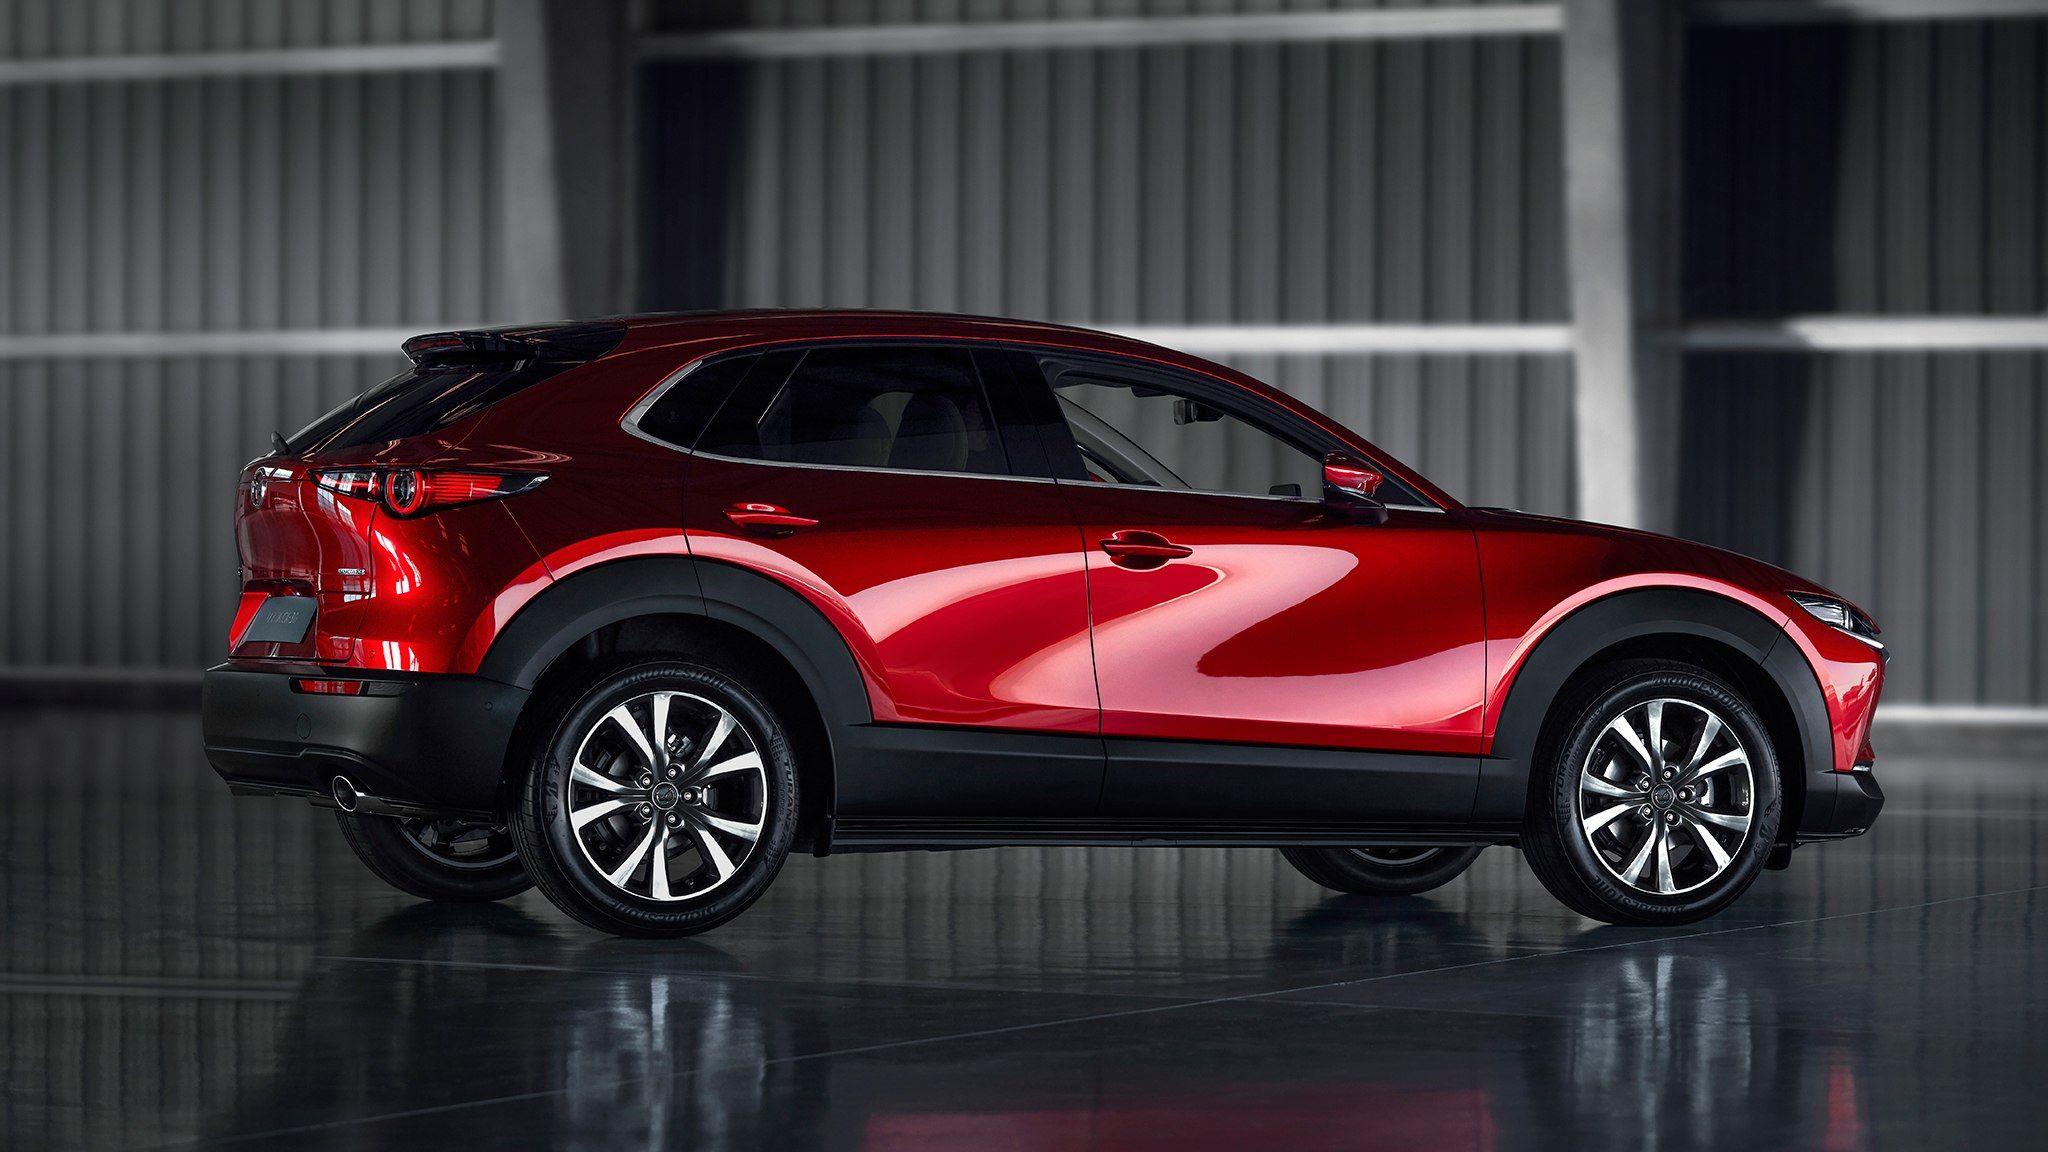 2022 Mazda Cx 30 Will Slot Between Cx 3 And Cx 5 Automobile Magazine Mazda Mazda Cars Suv